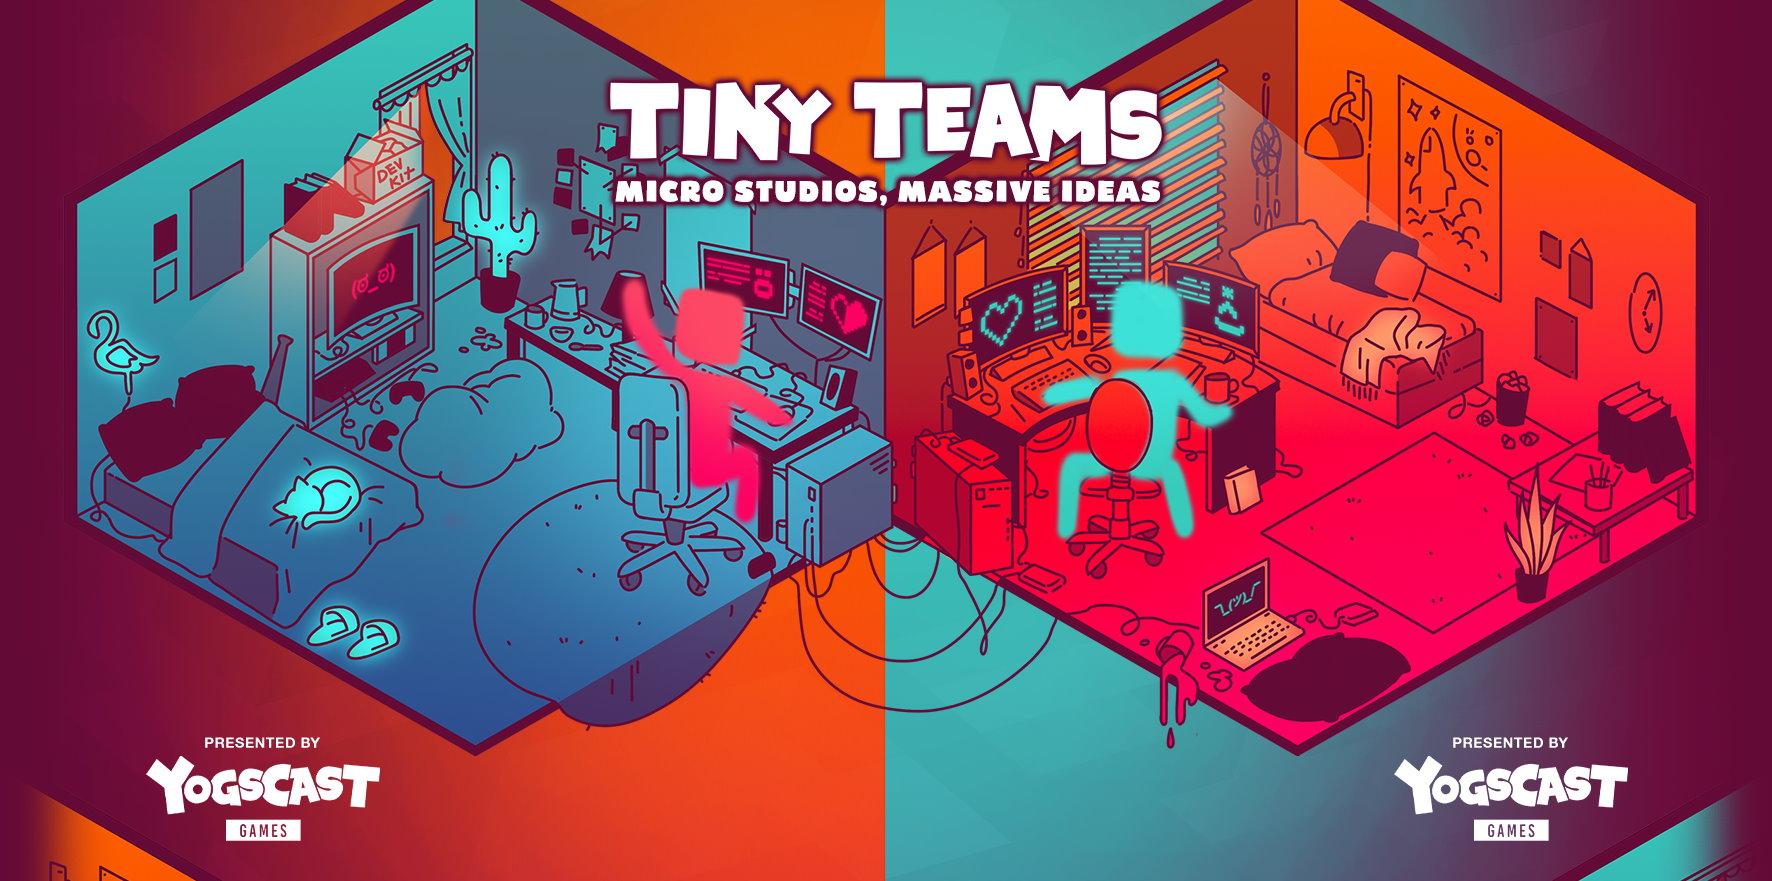 steam tiny teams festival